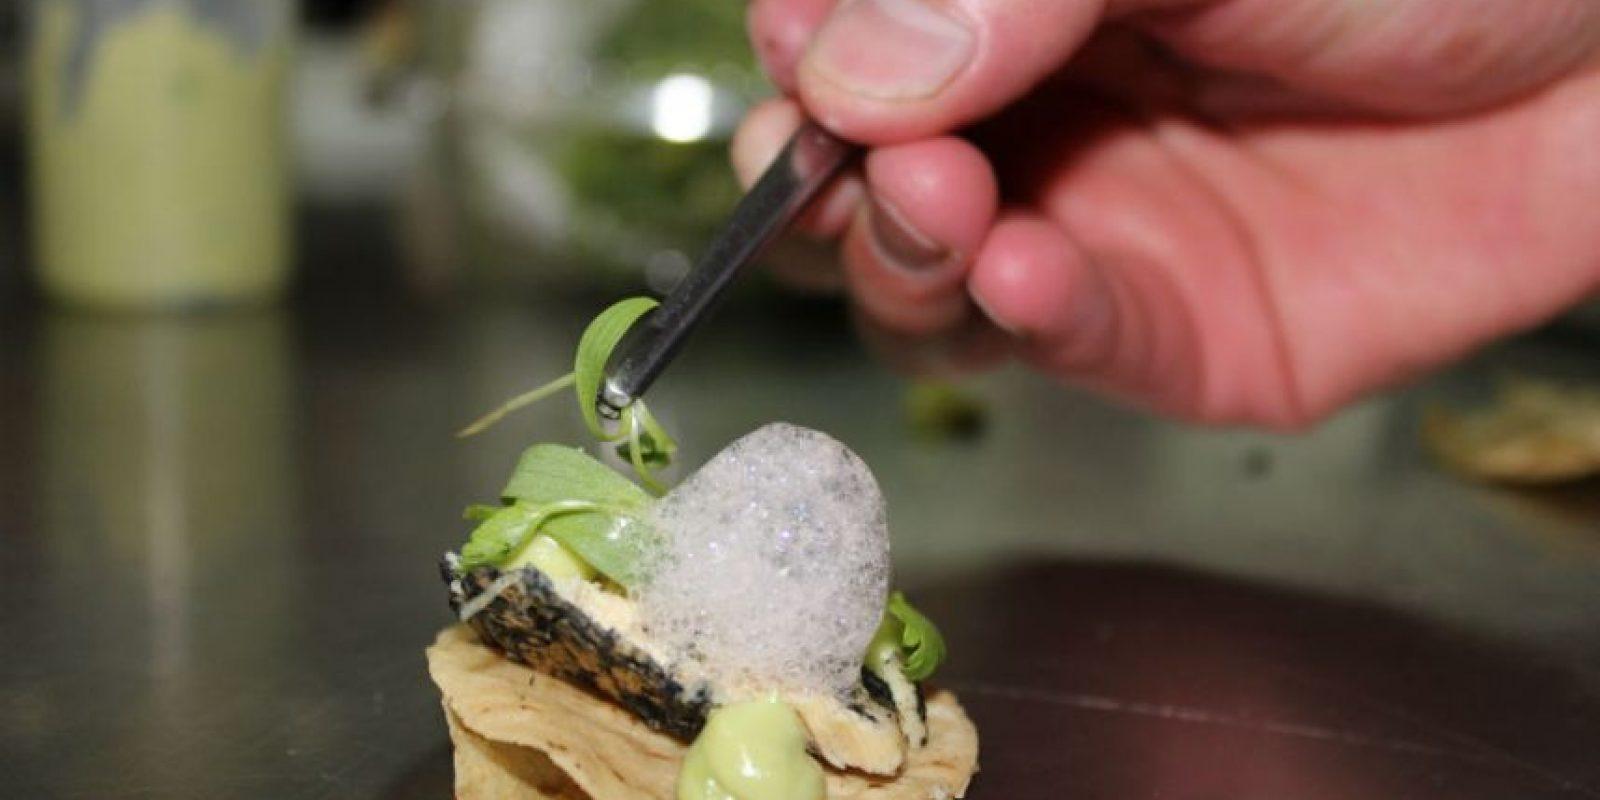 Especialidades en cocina italiana, mexicana o pastelería podrás aprender en el Instituto Gastronómico Corbuse Foto:Especial